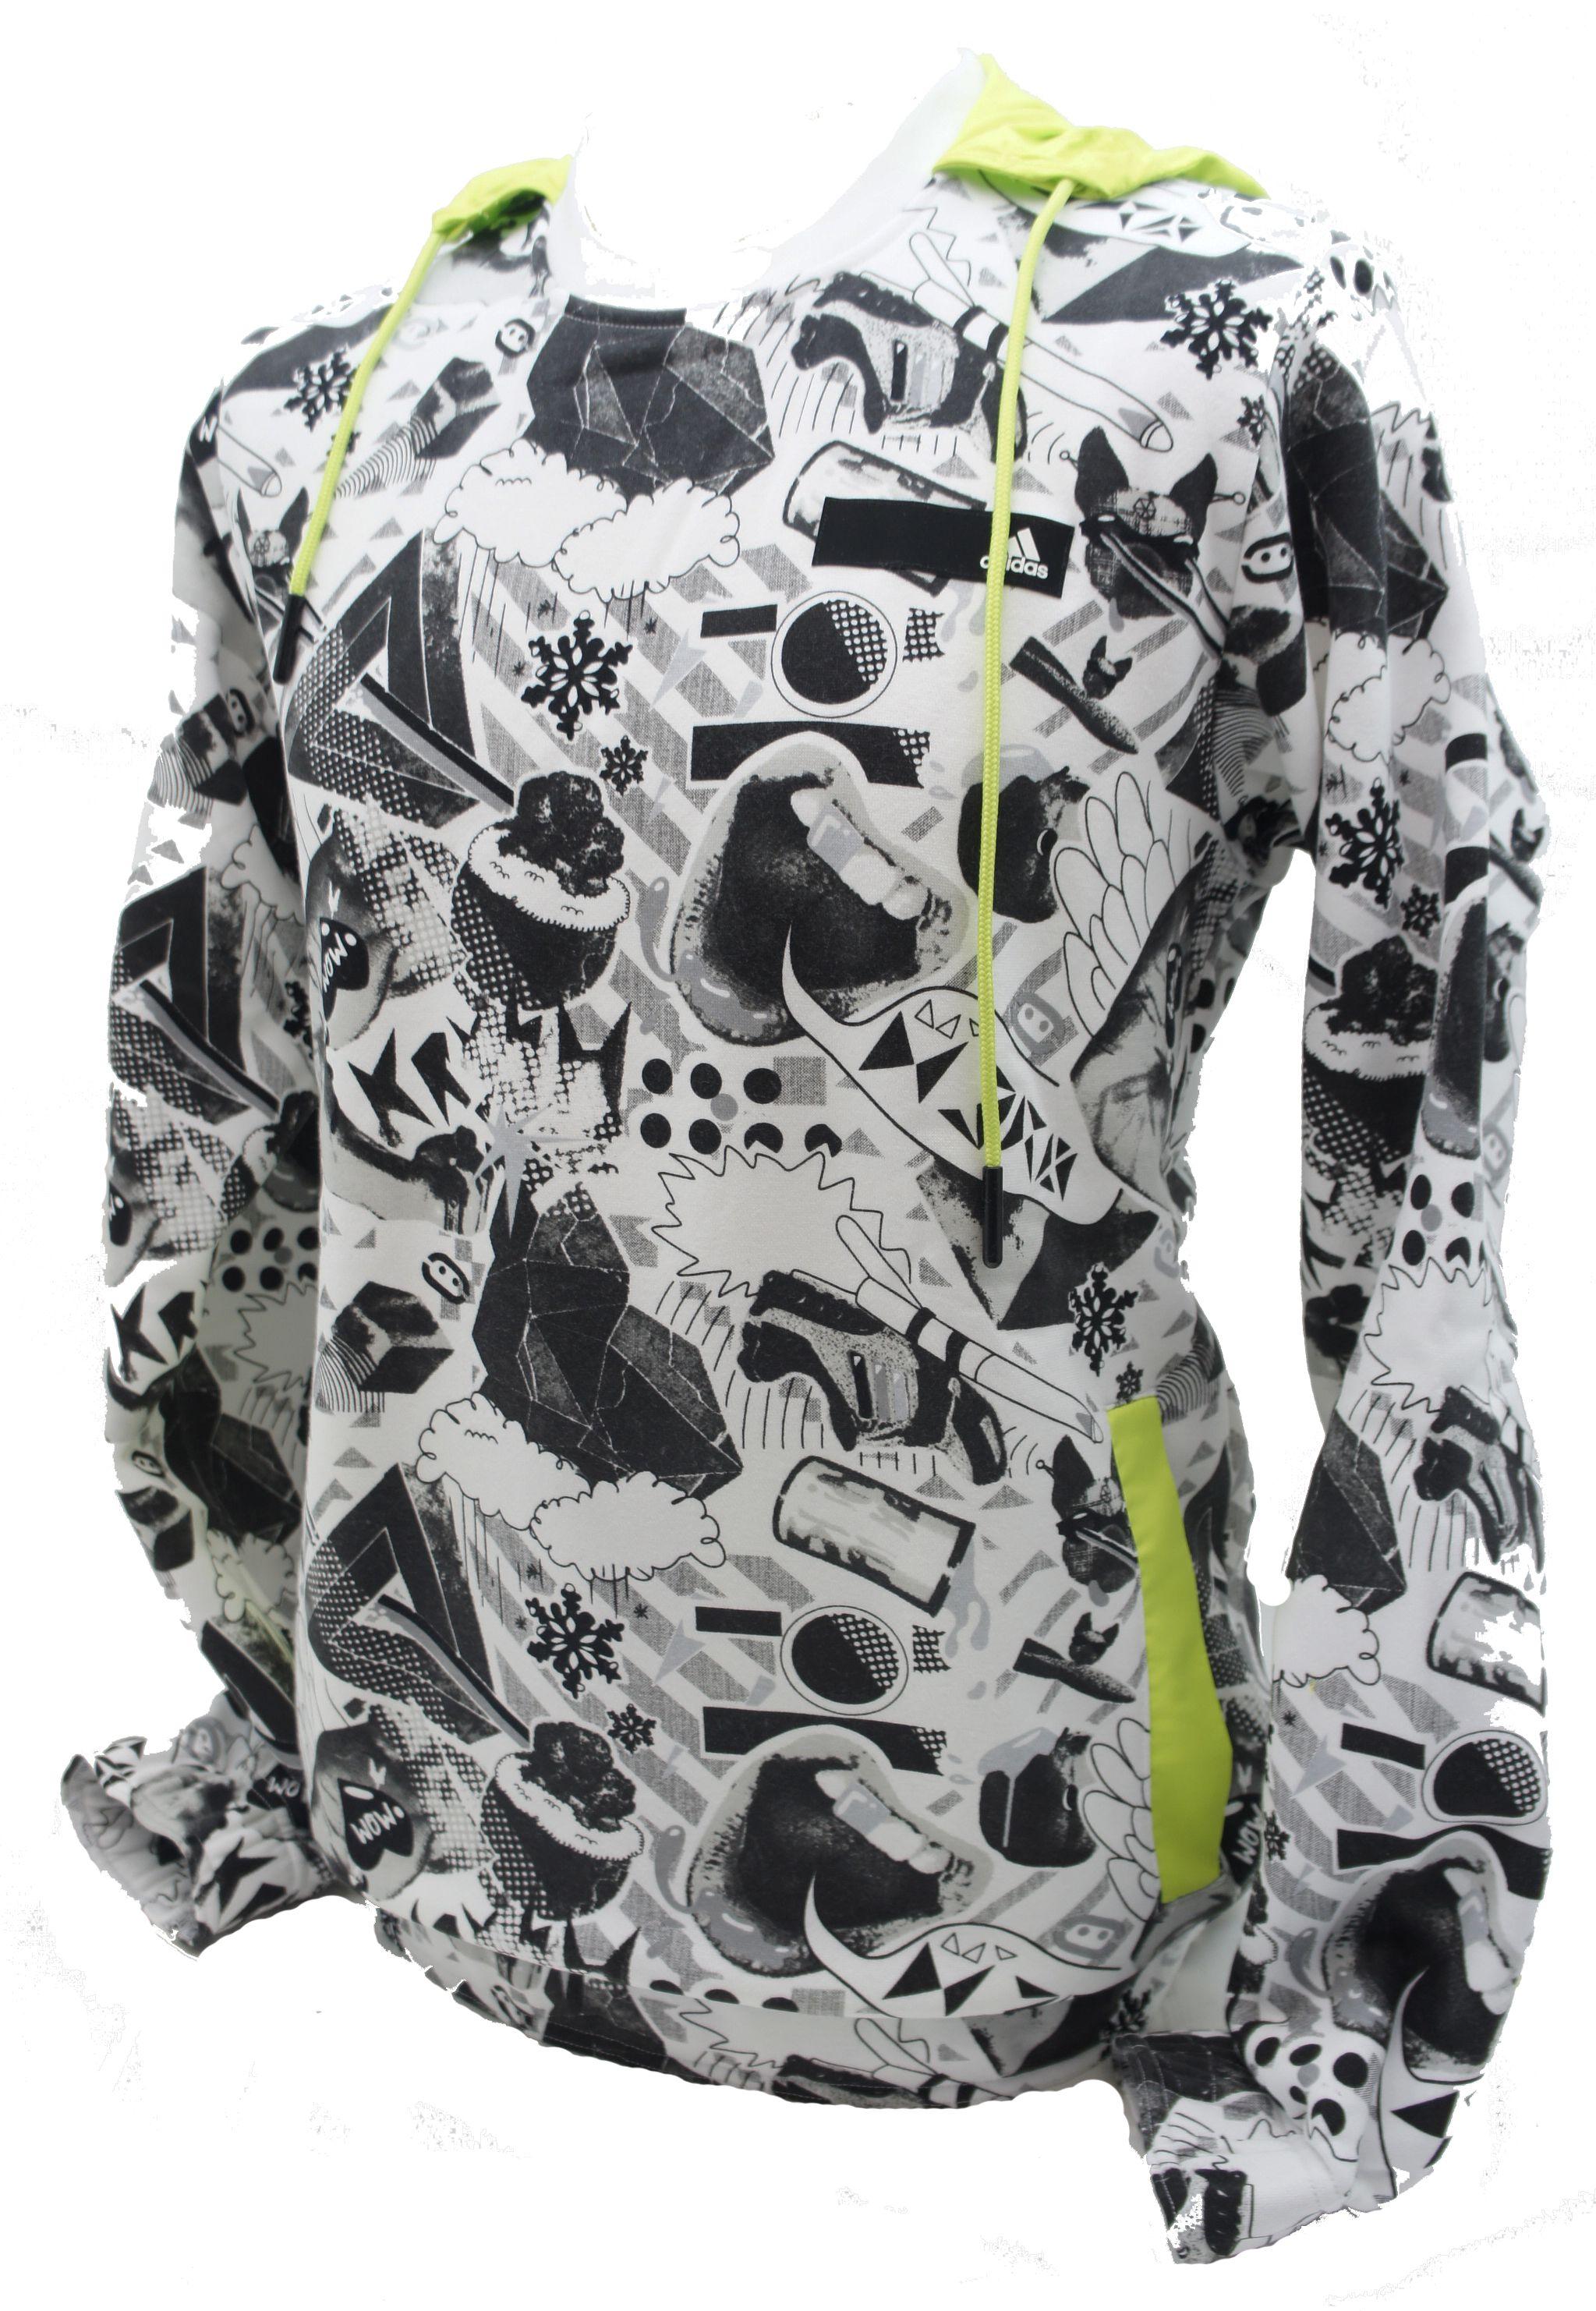 Adidas-Bounce-Kapuzenpullover-Hoodie-Sweatshirt-Hoody-Pullover-UVP-59-95